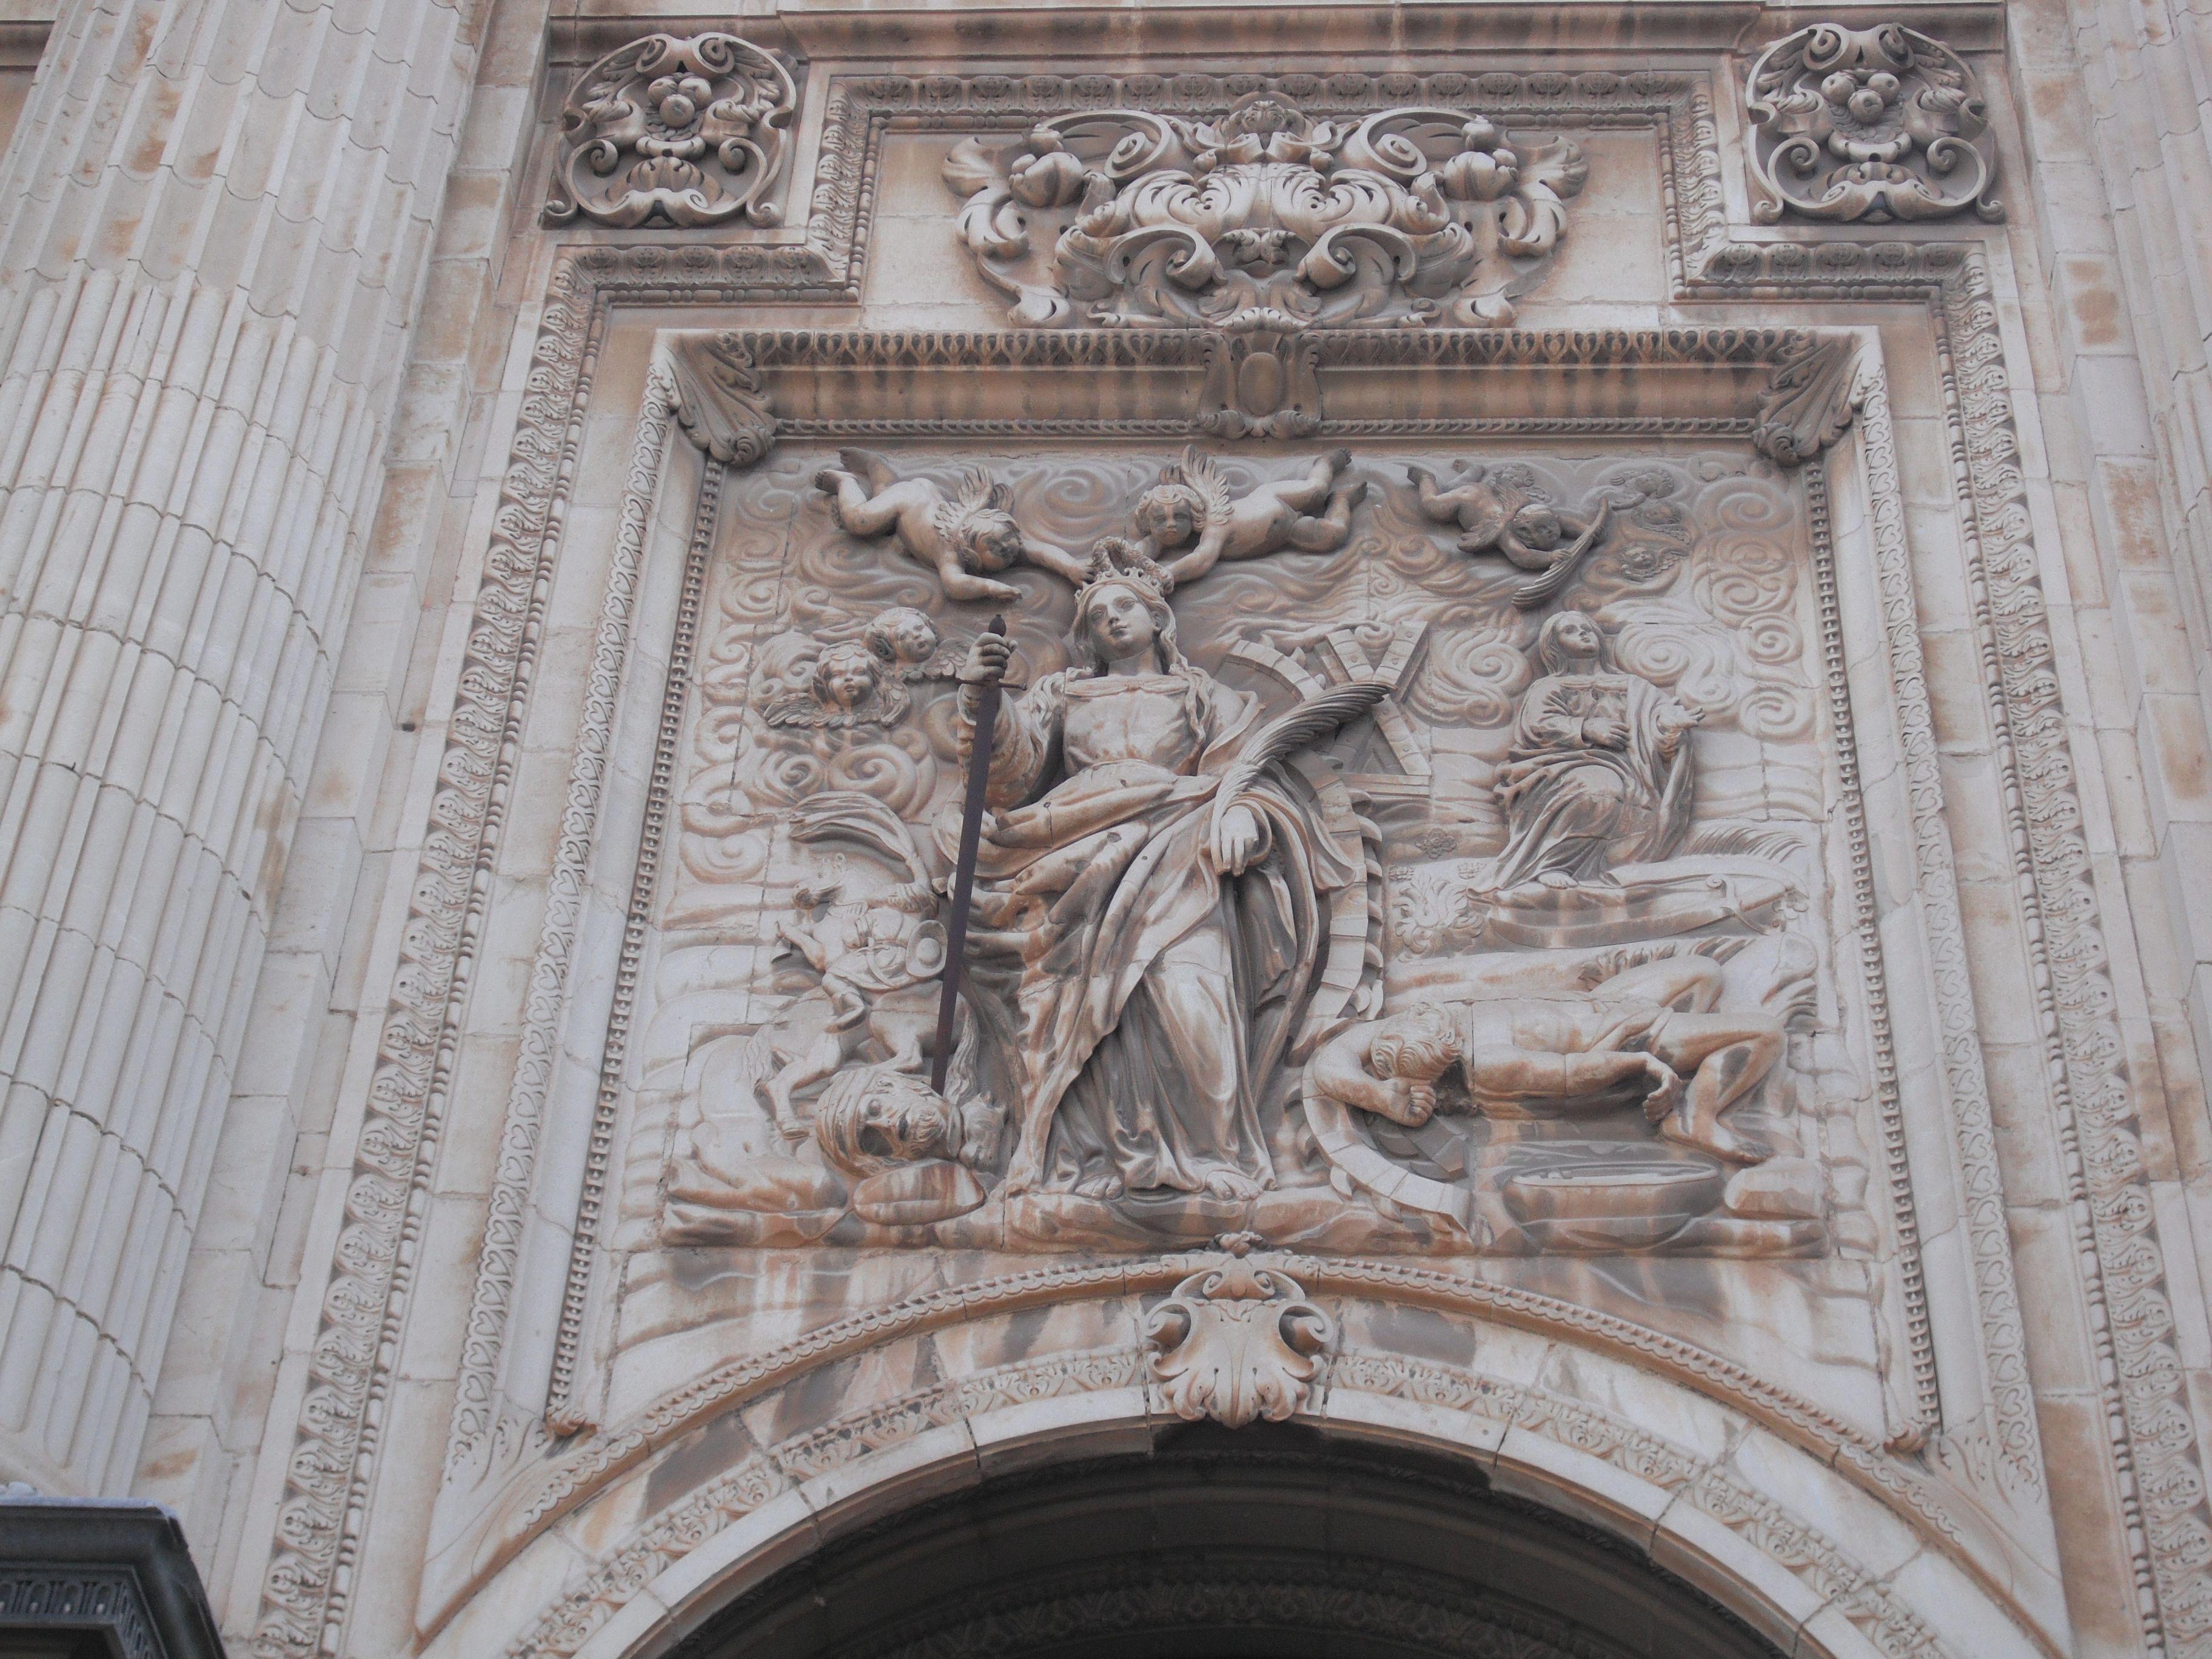 detalle de la fachada principal de la catedral de Jaén